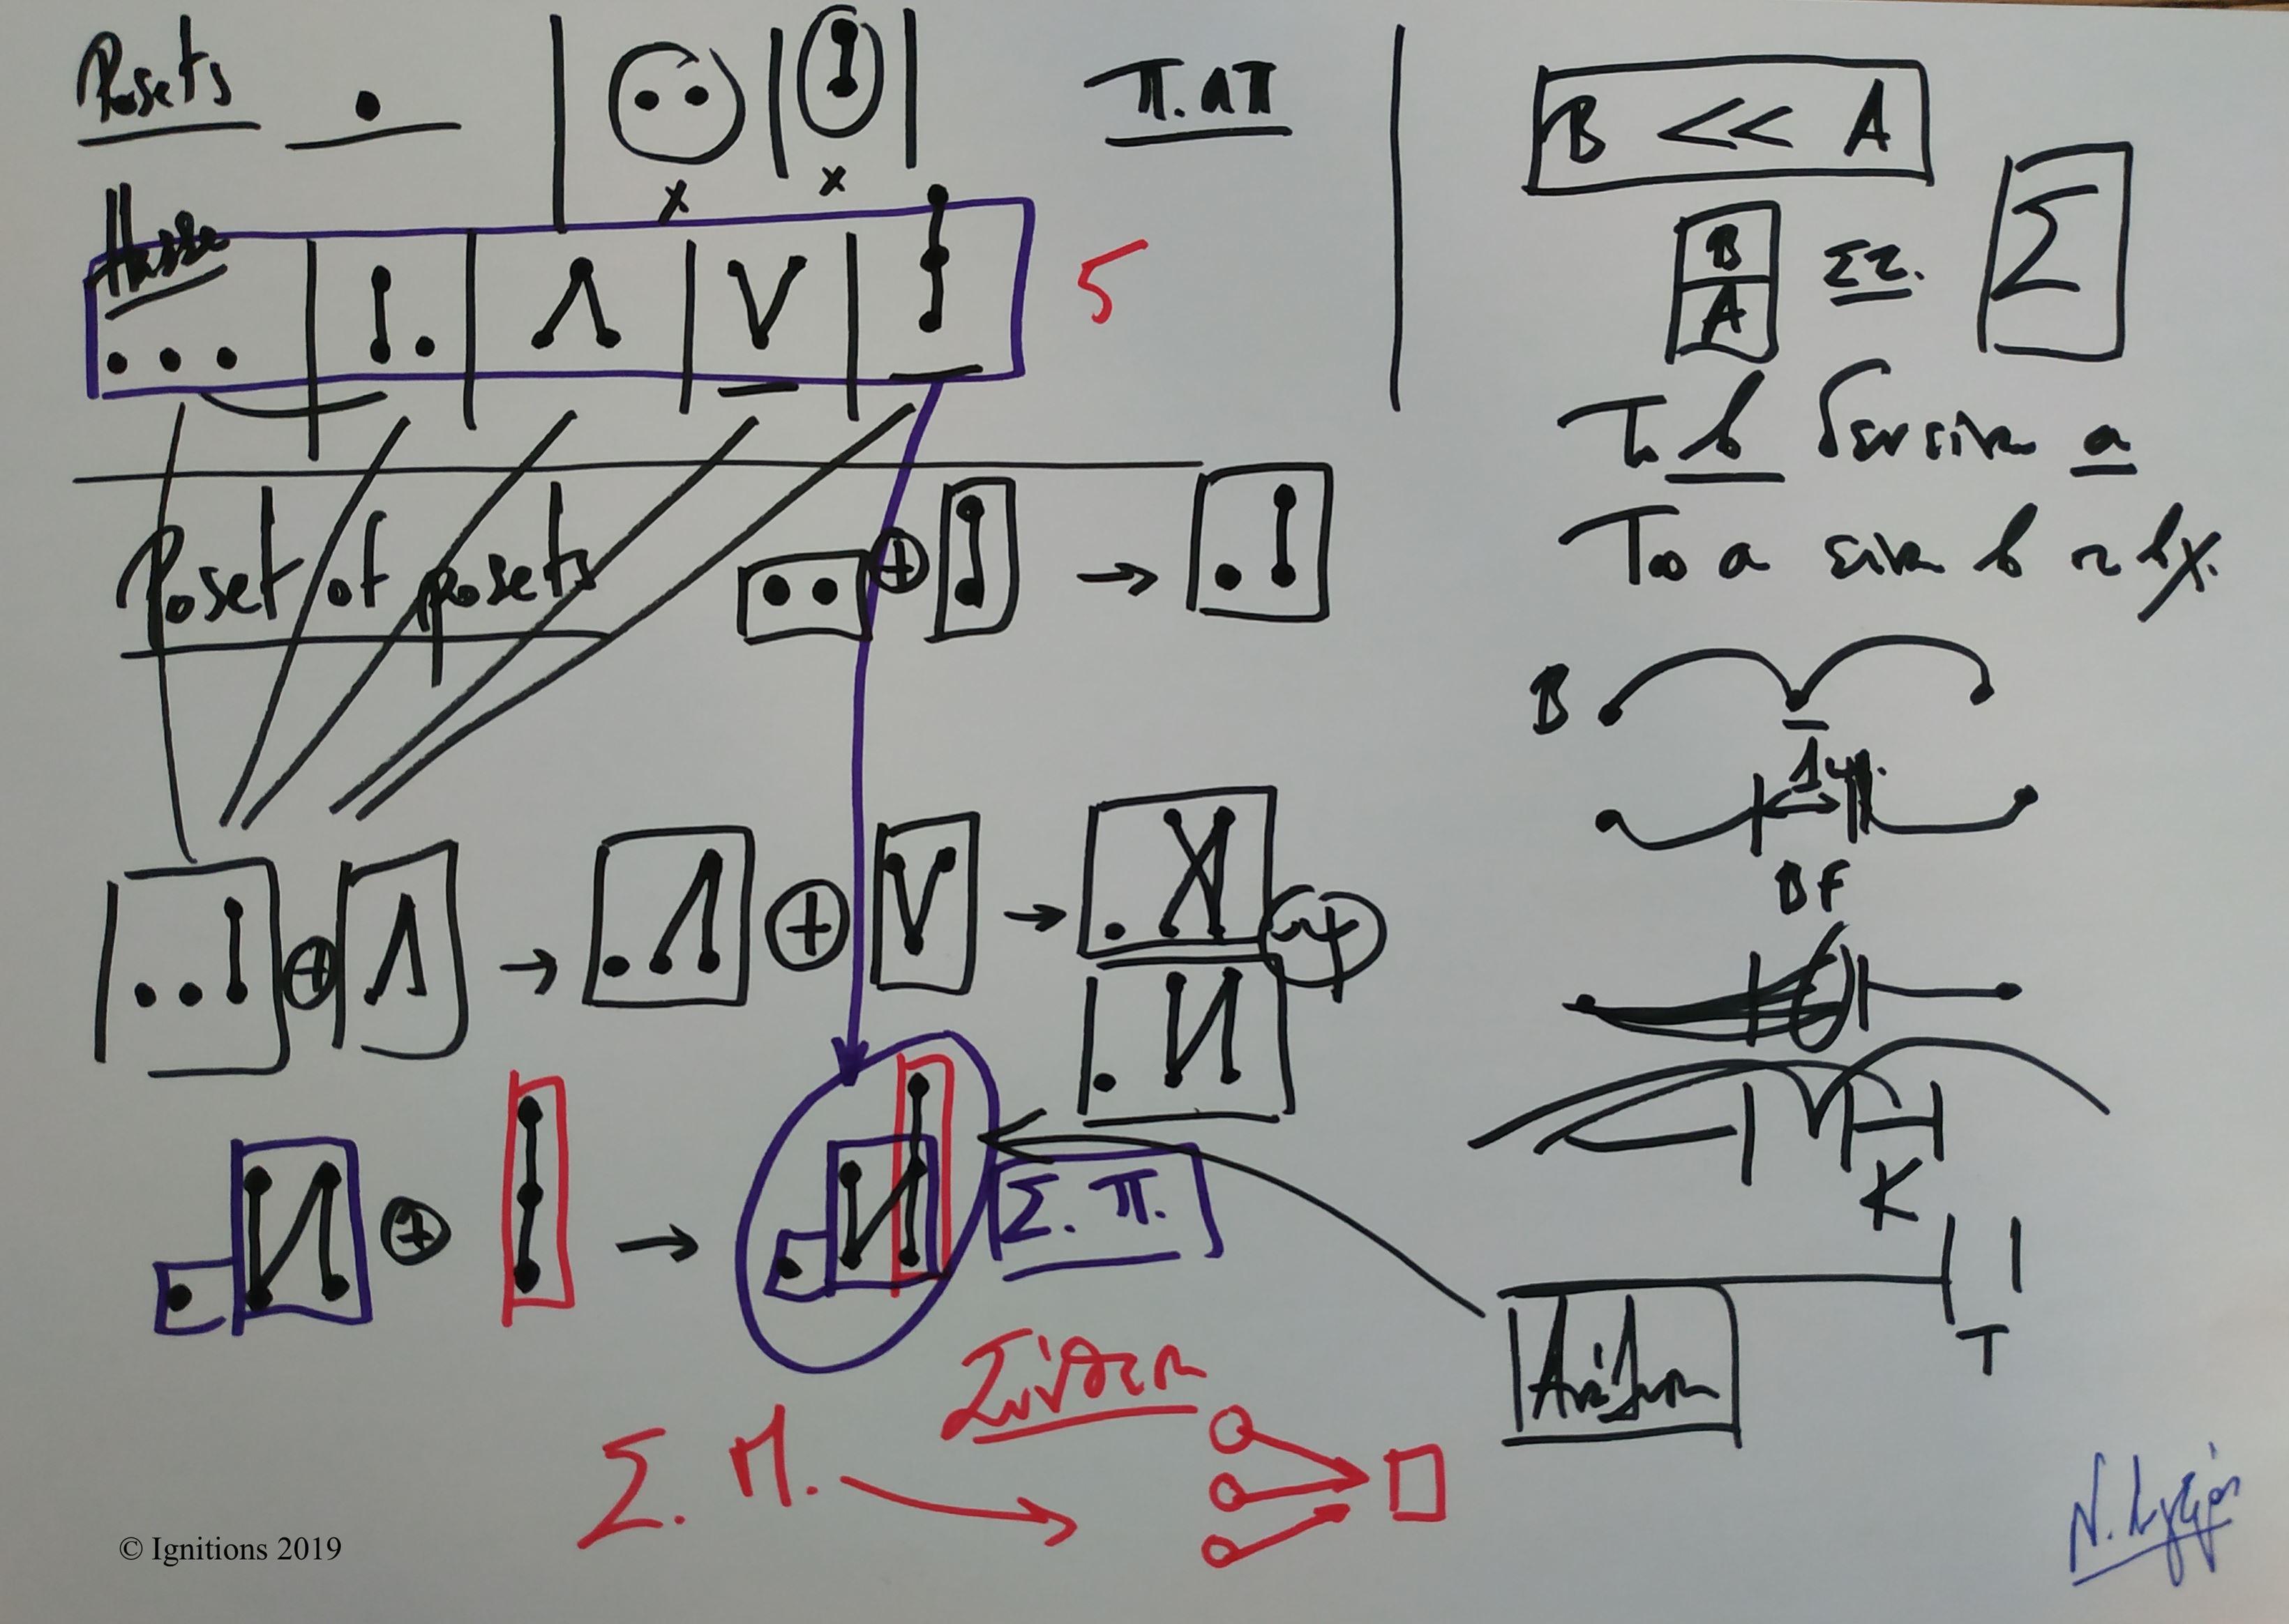 Στρατηγική, Μαθηματικά και Εφαρμογές II. (Dessin)